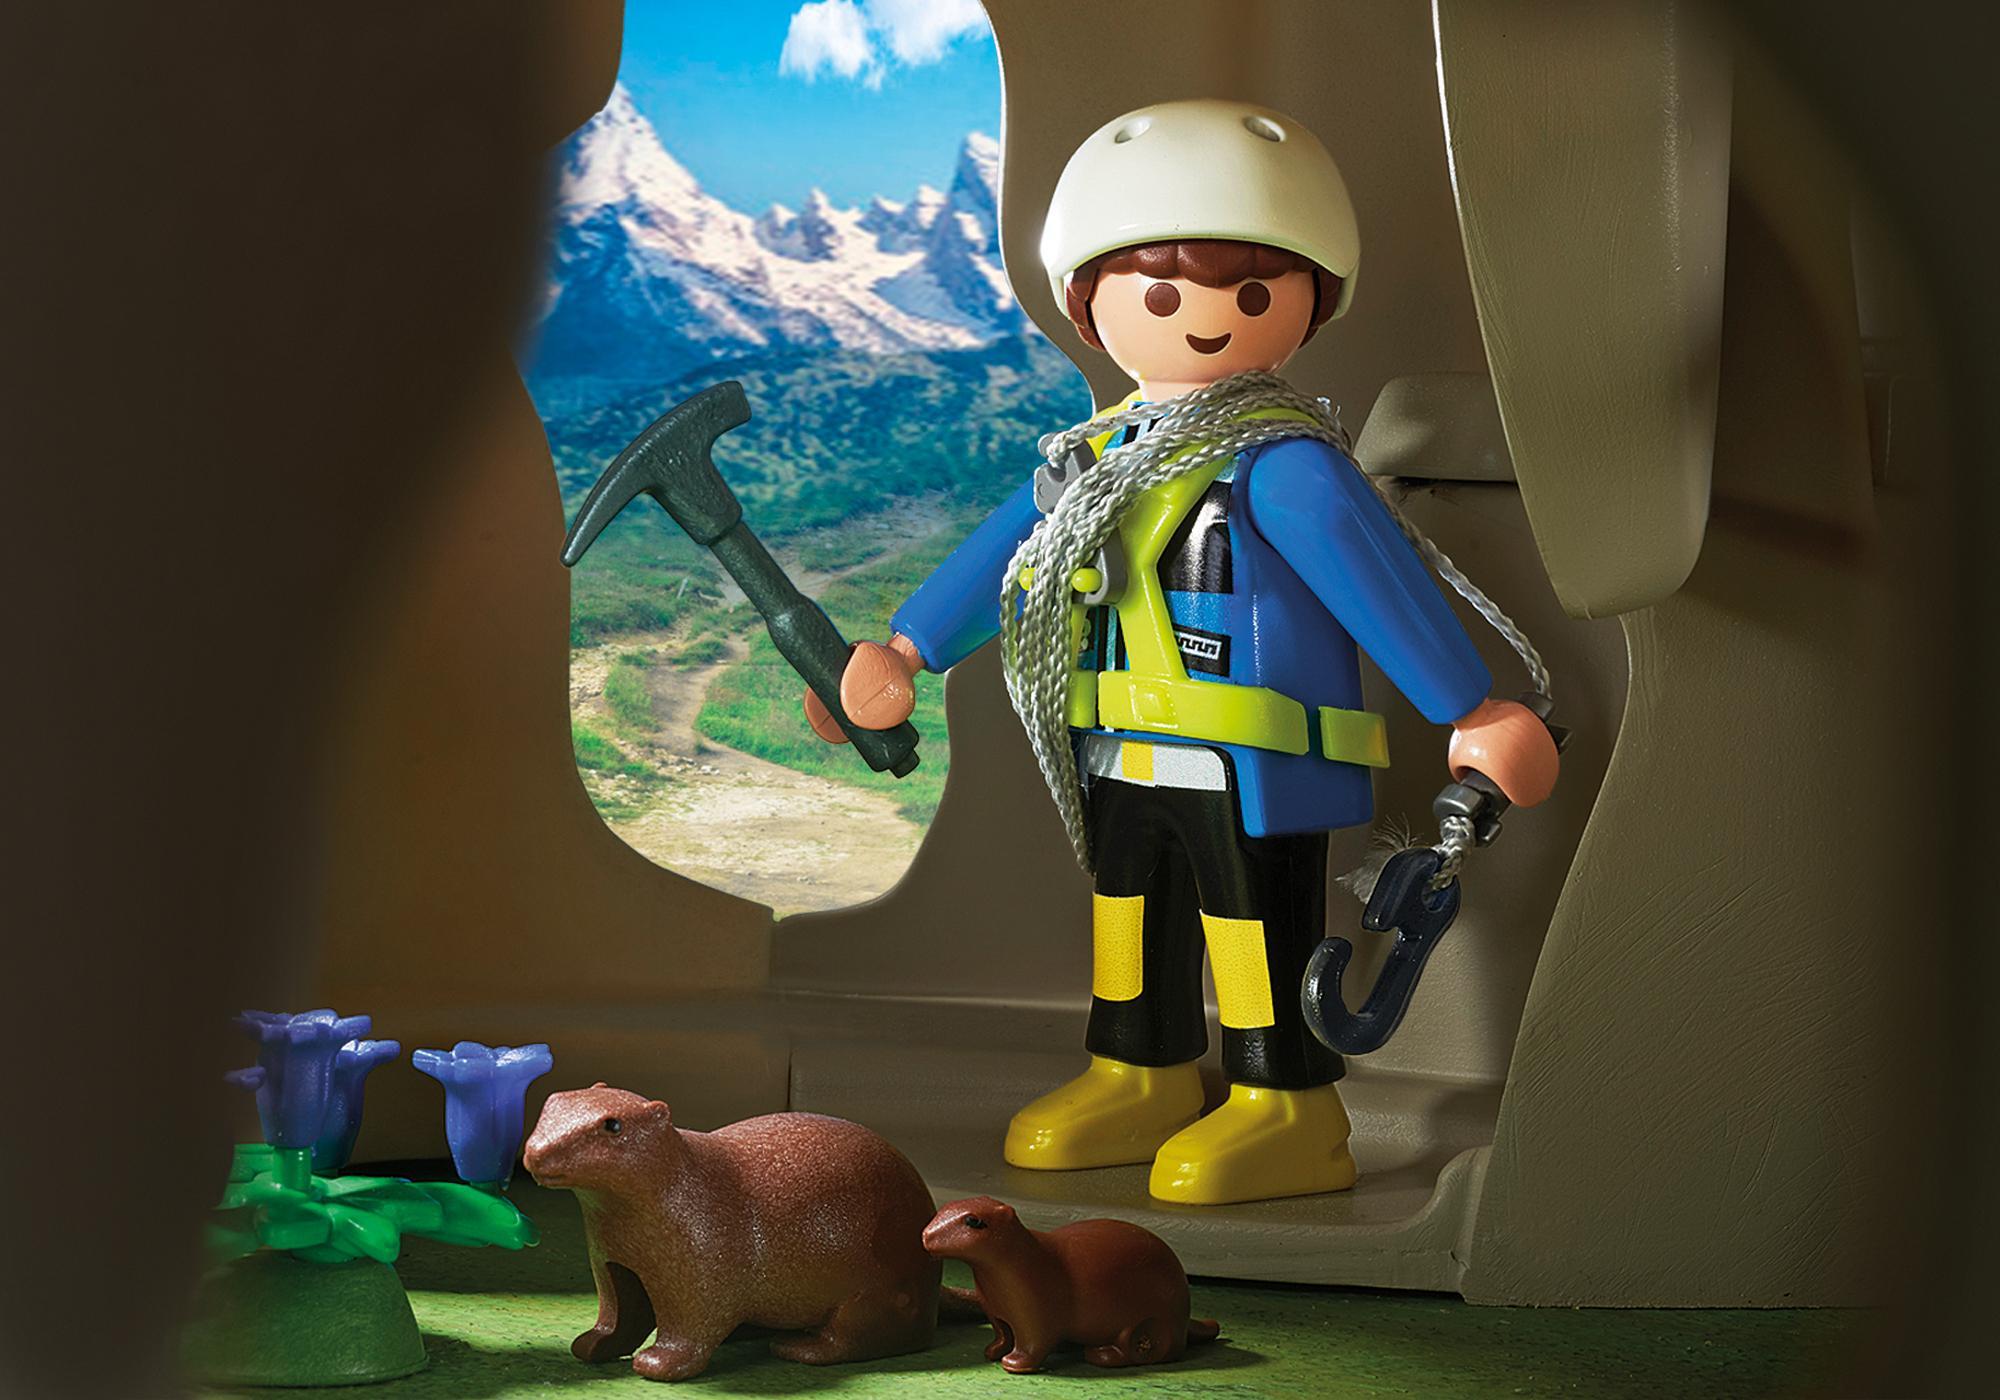 http://media.playmobil.com/i/playmobil/9126_product_extra2/Alpinistas com Cabine